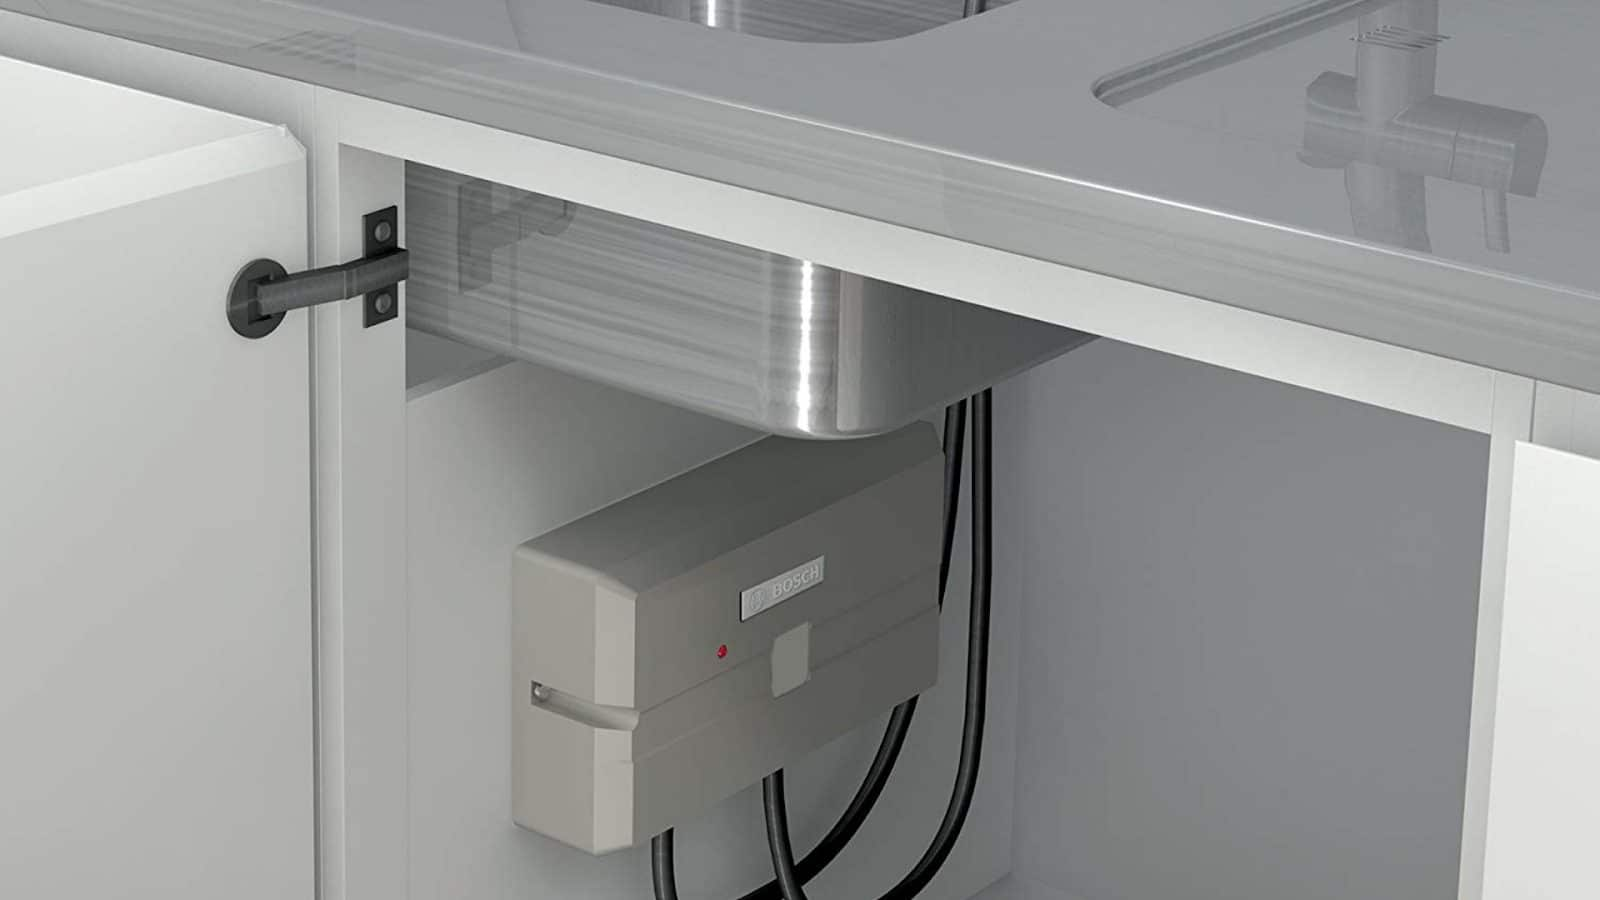 tankless water heater under sink